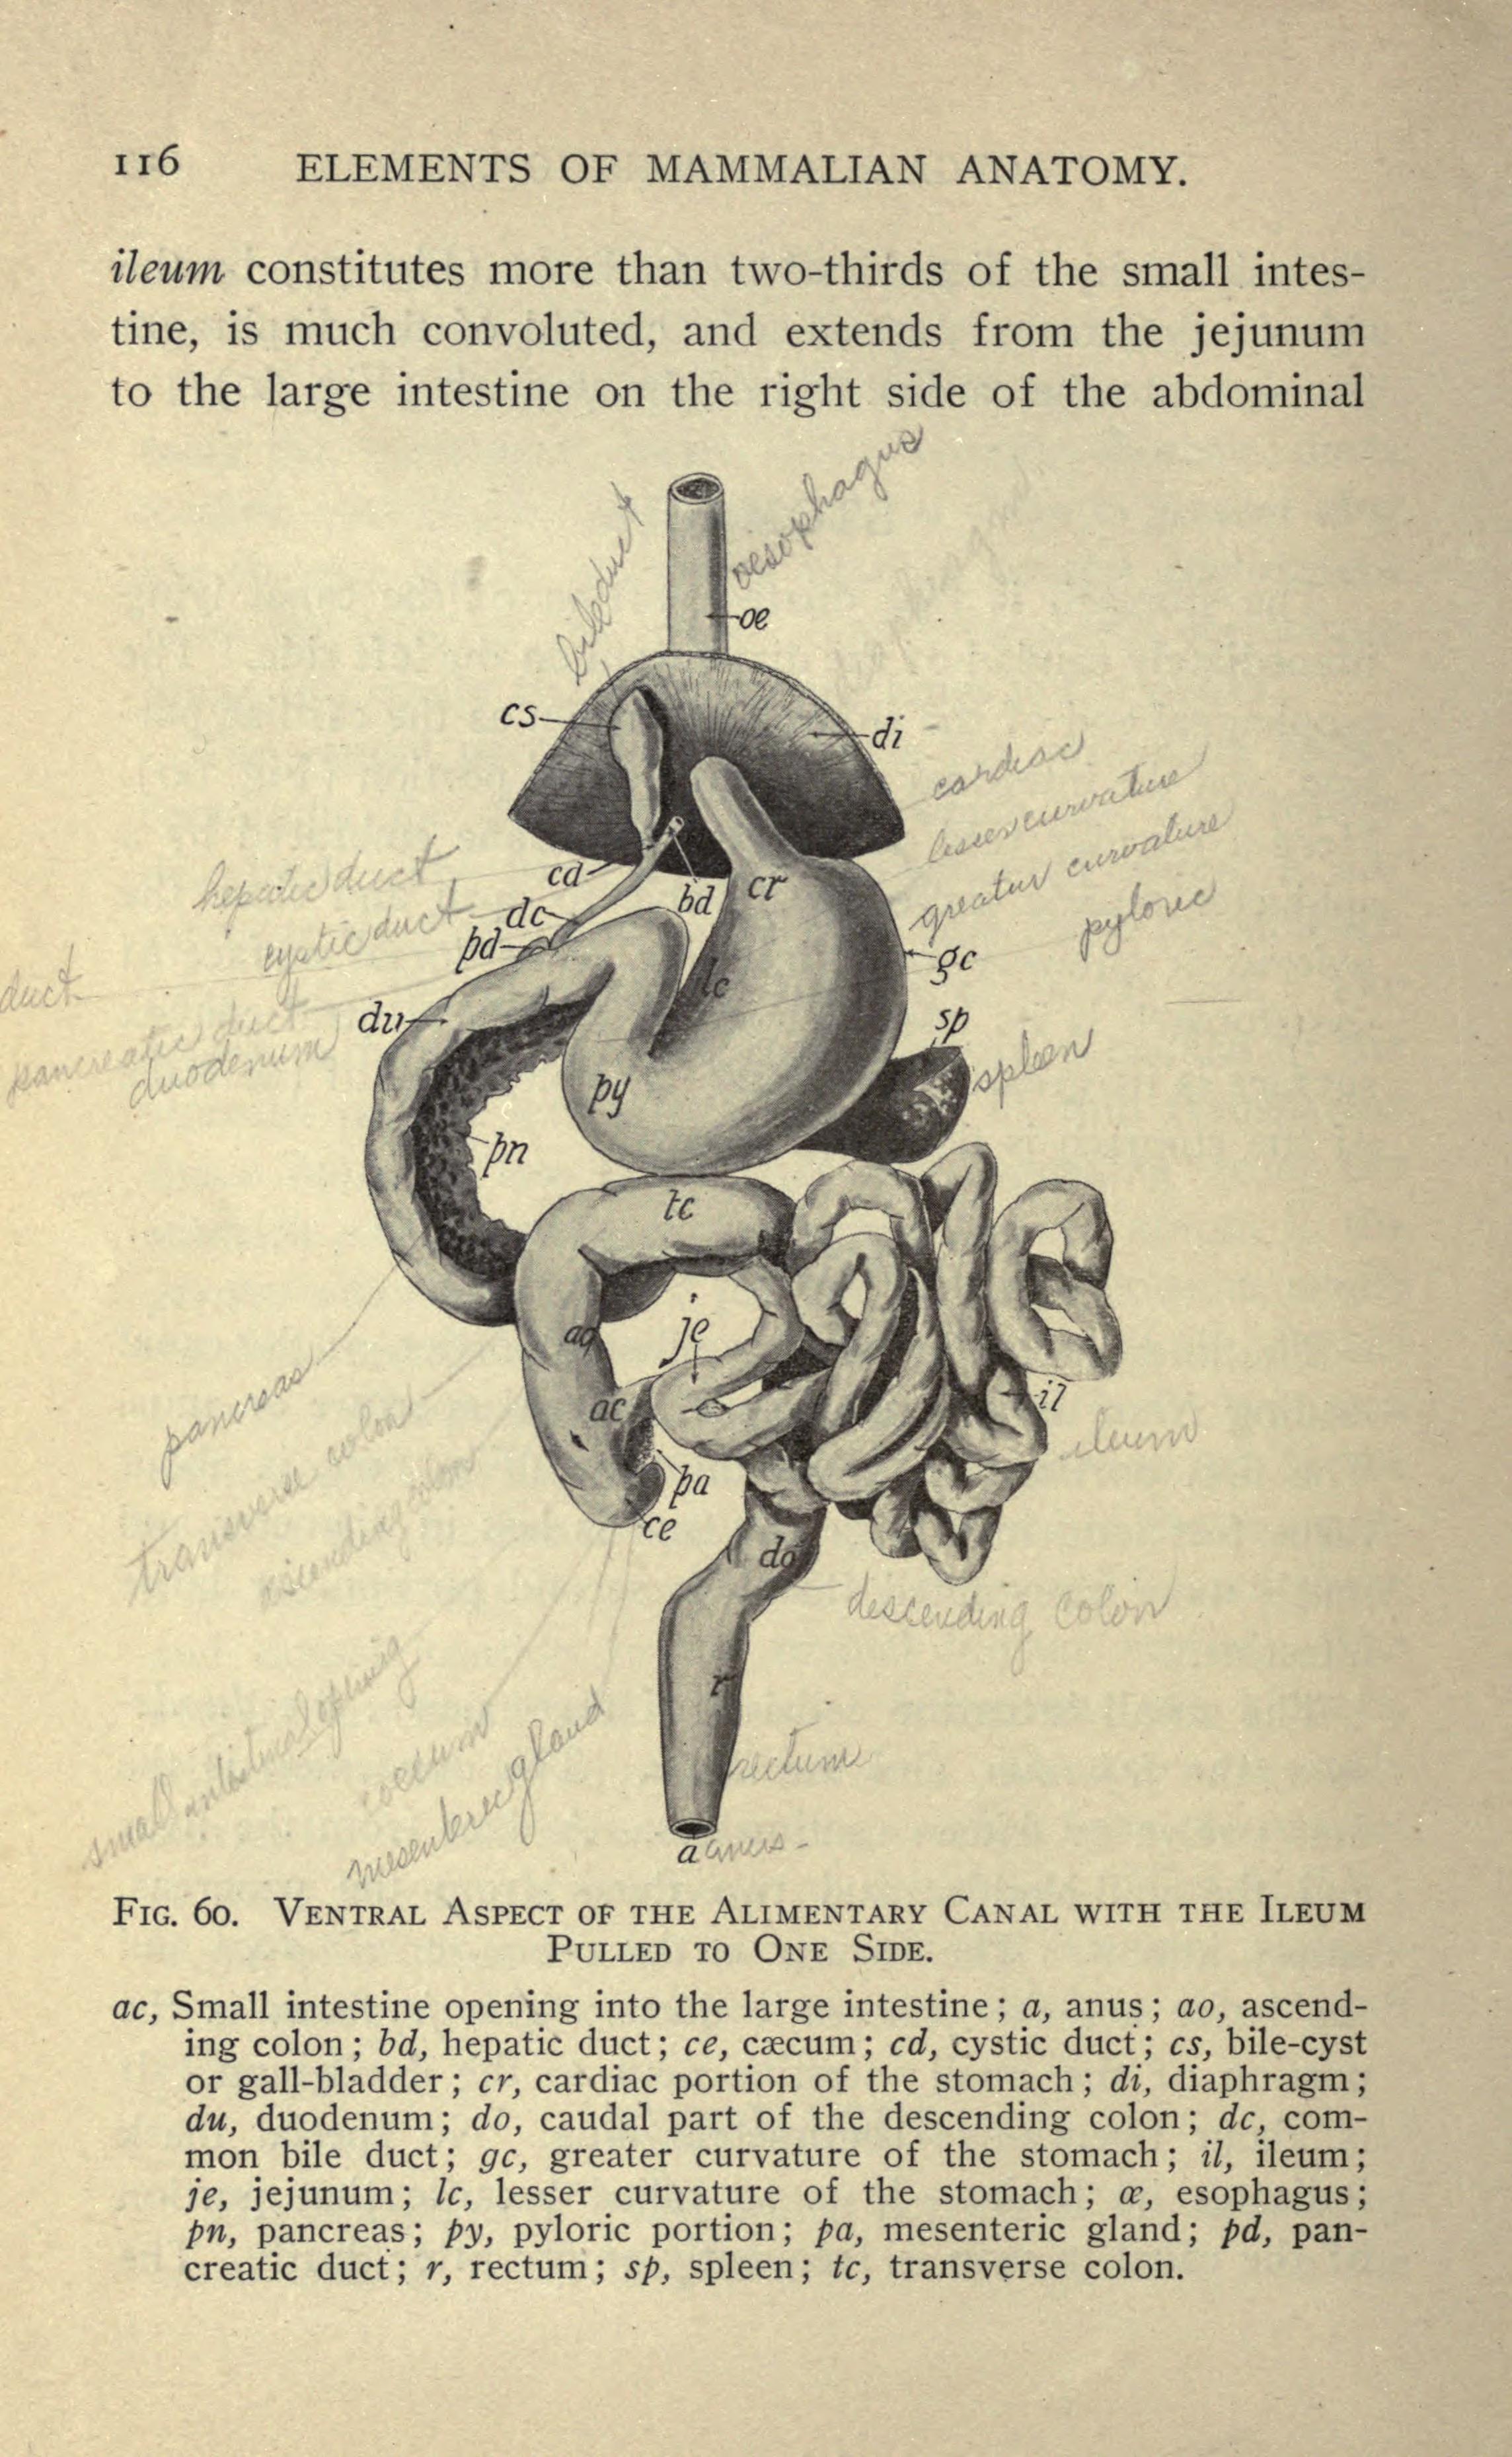 File:Mammalian anatomy (Page 116) BHL18735559.jpg - Wikimedia Commons